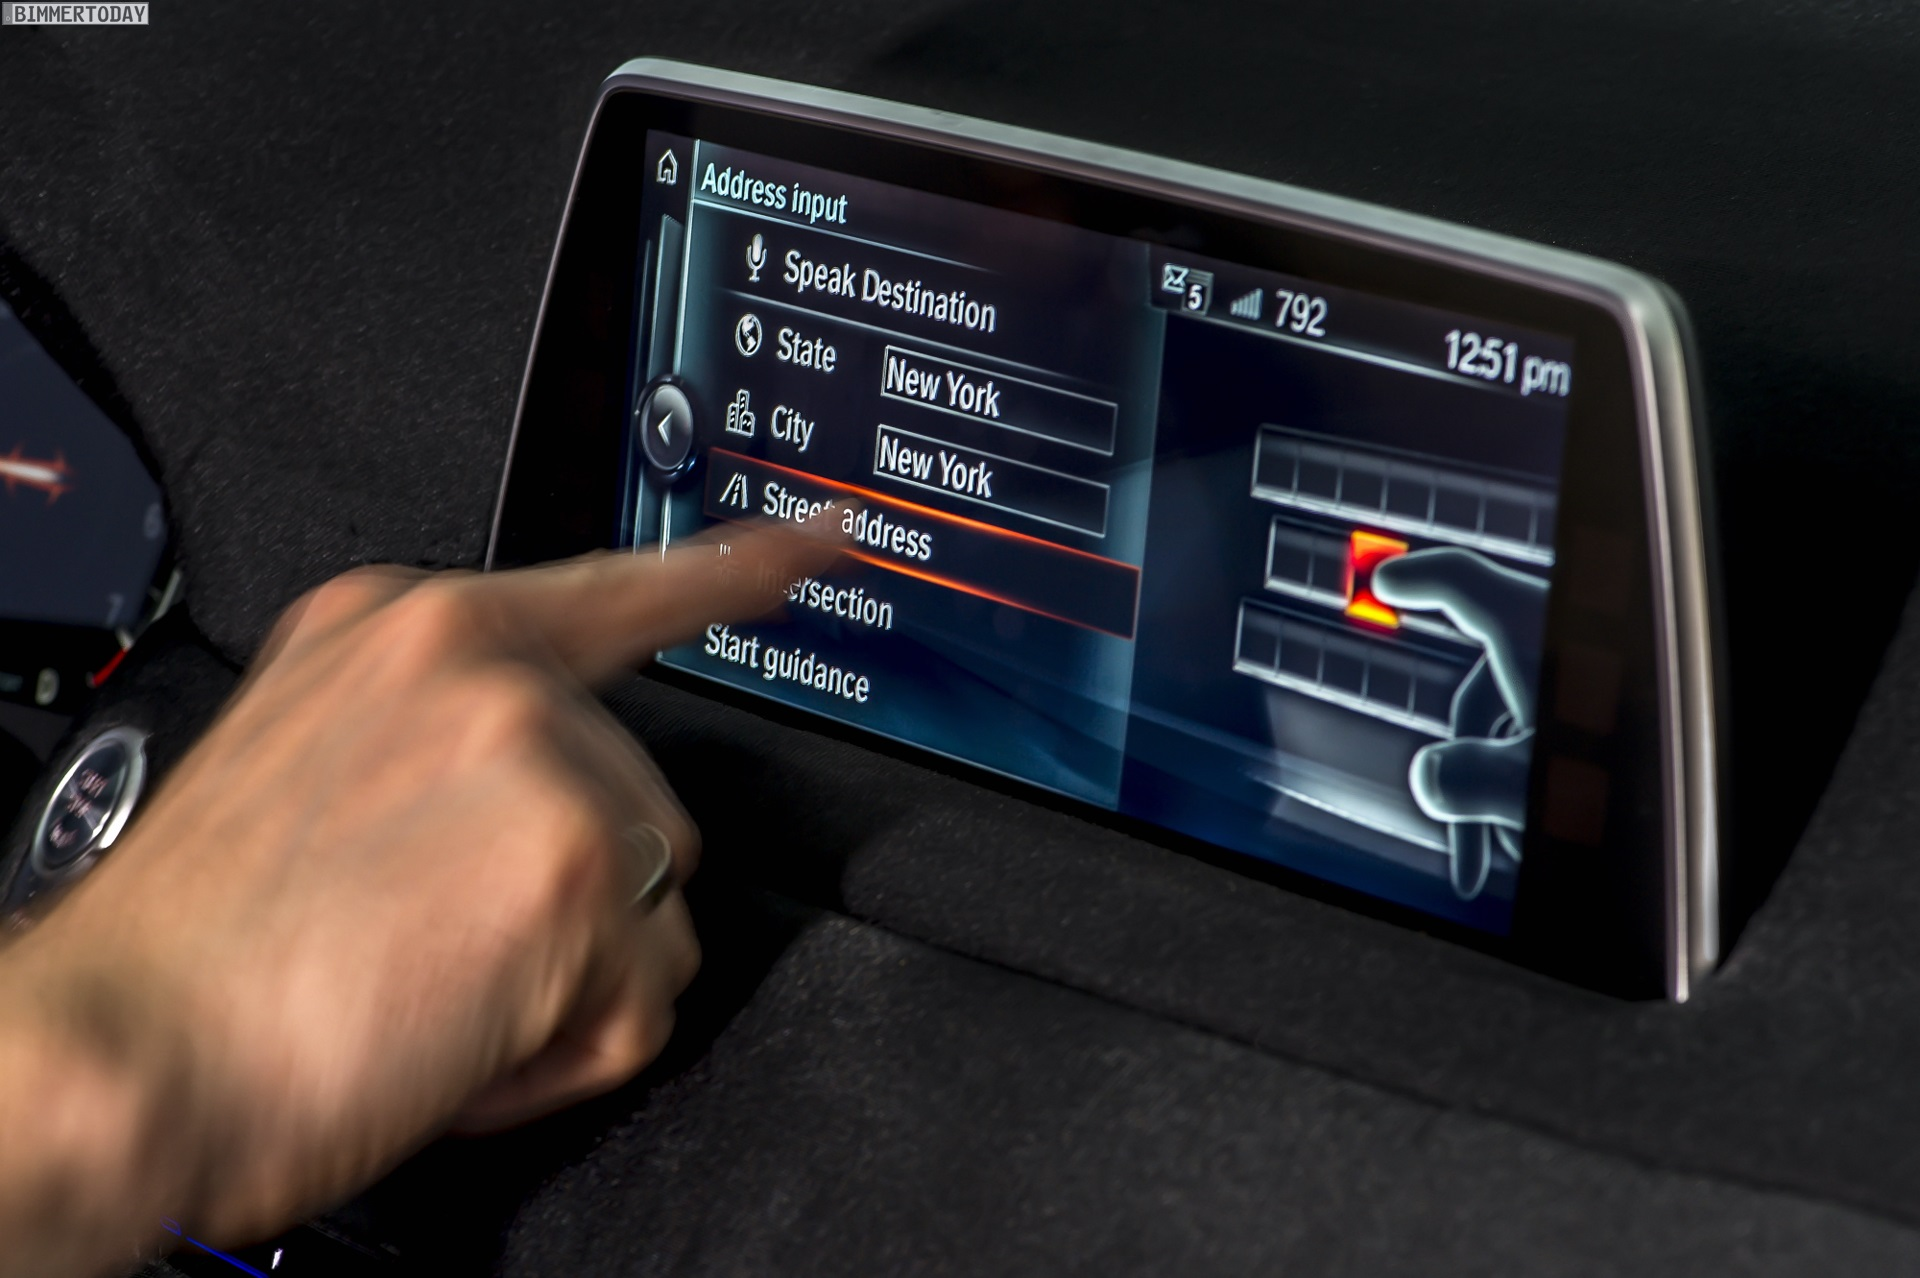 BMW 7er 2015: Touchscreen-iDrive mit Gestiksteuerung